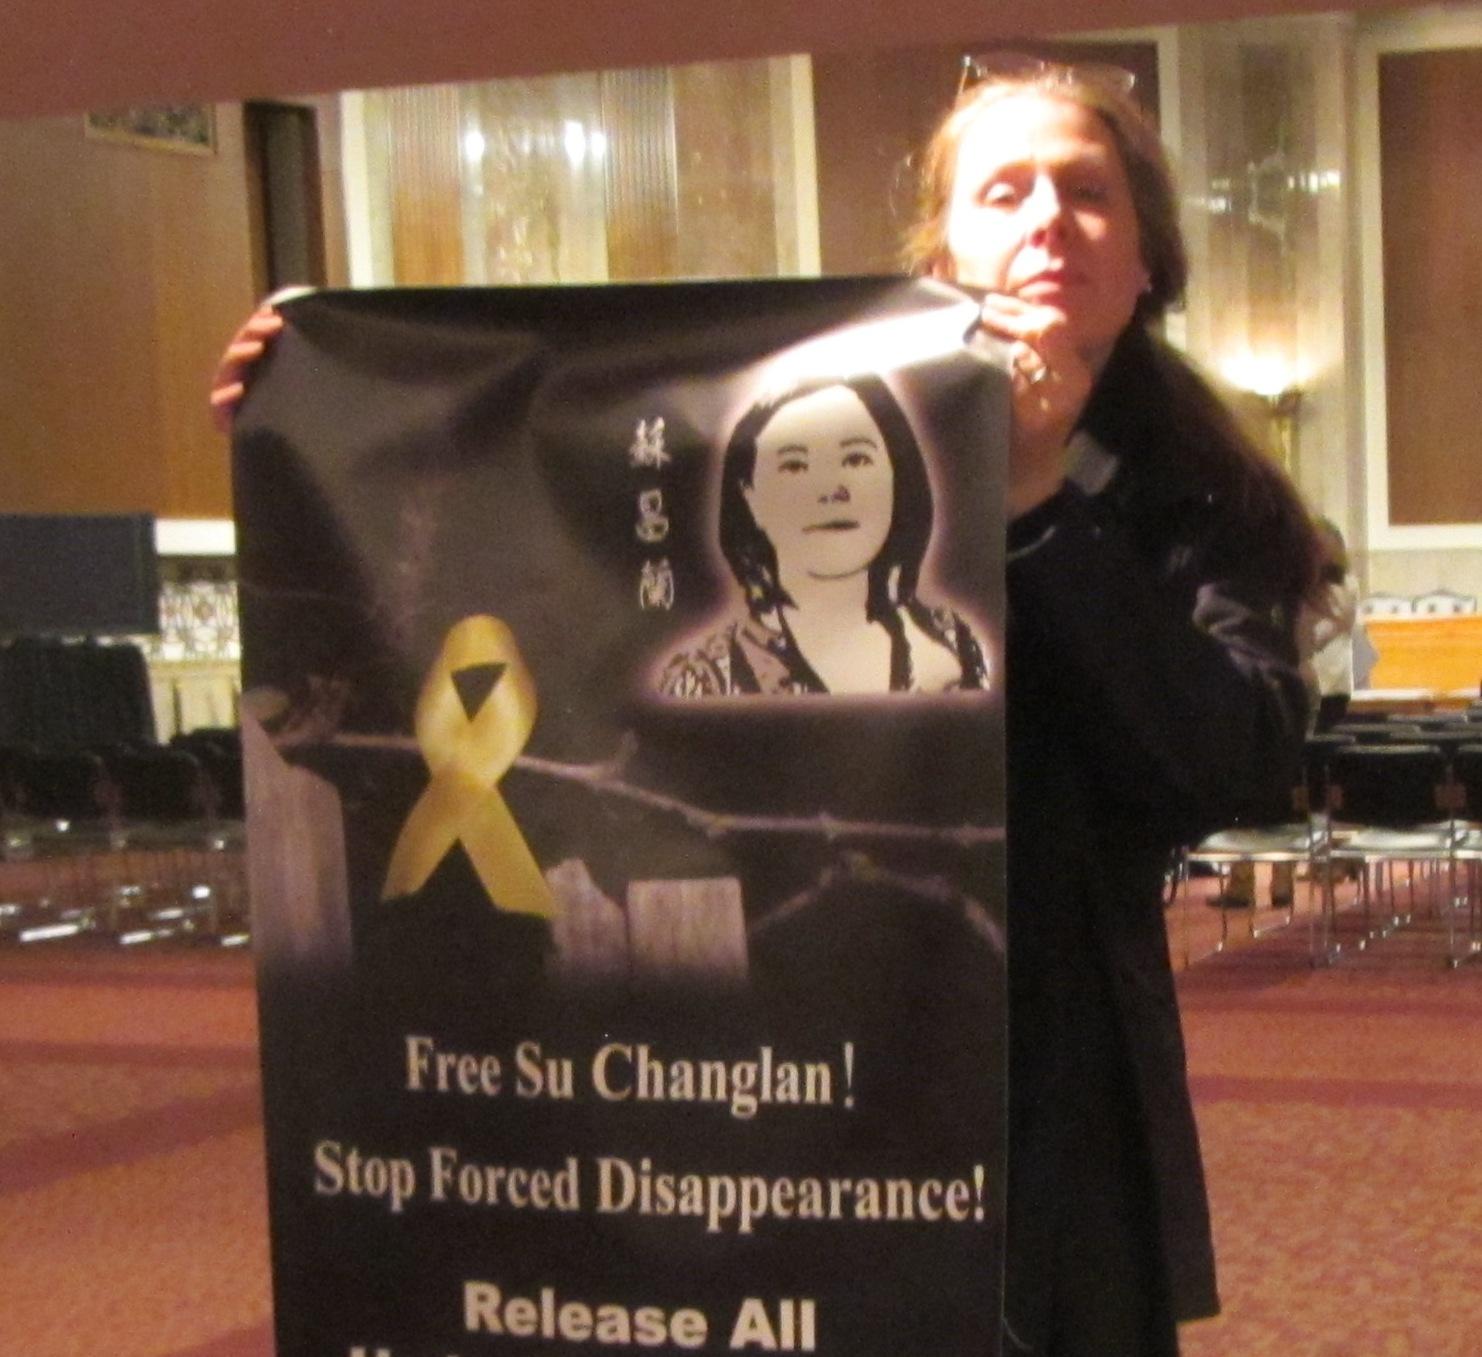 图为USIBC的执行长Ann Noonan 女士在听证会现场展示要求中共当局释放苏昌兰、释放所有支持香港占中人士的横幅。(photo by WRIC张菁).